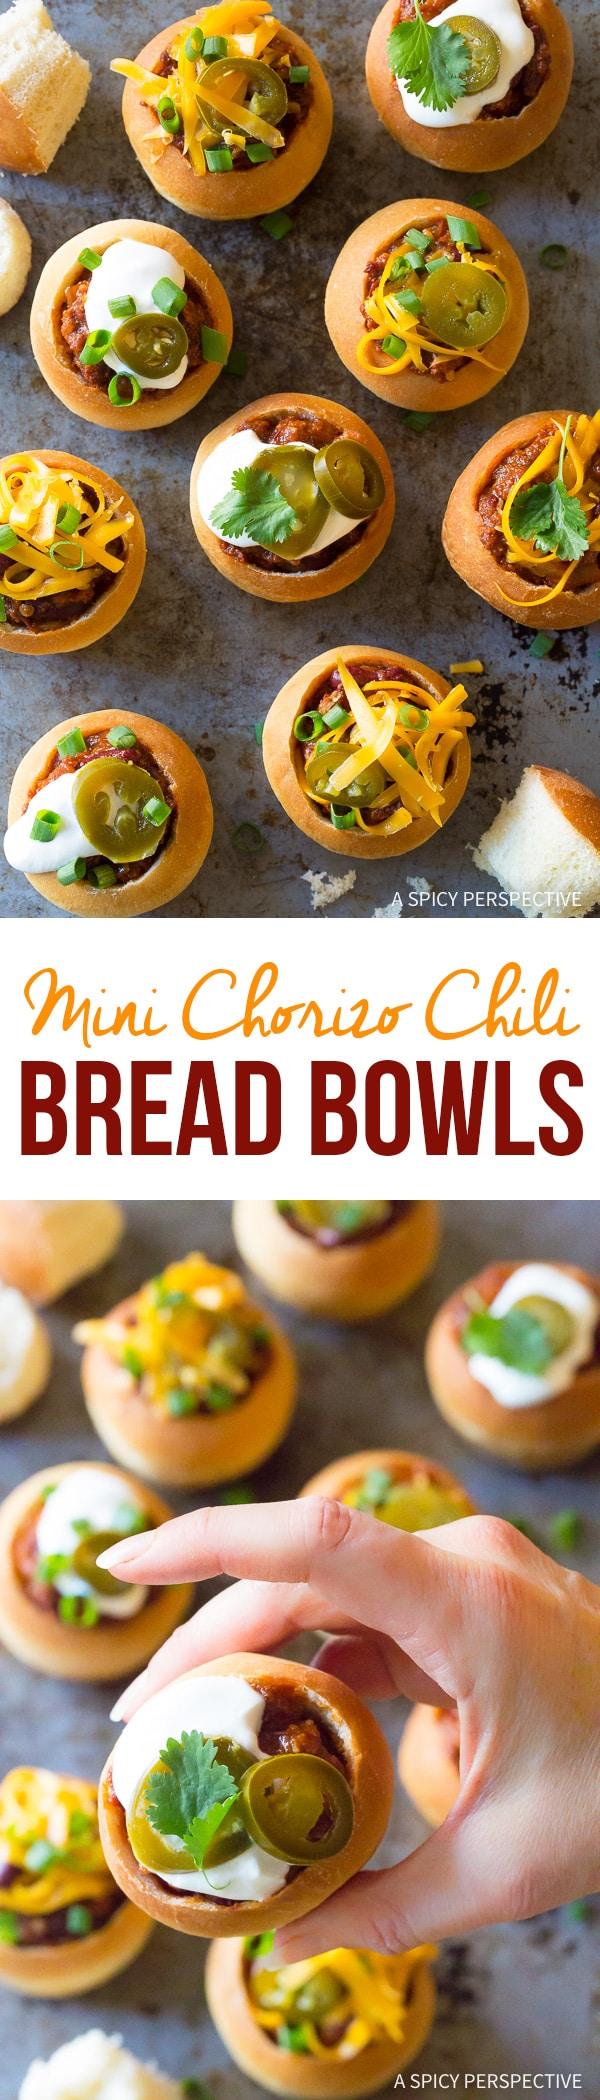 Mini Chorizo Chili Bread Bowls Recipe for Game Day!